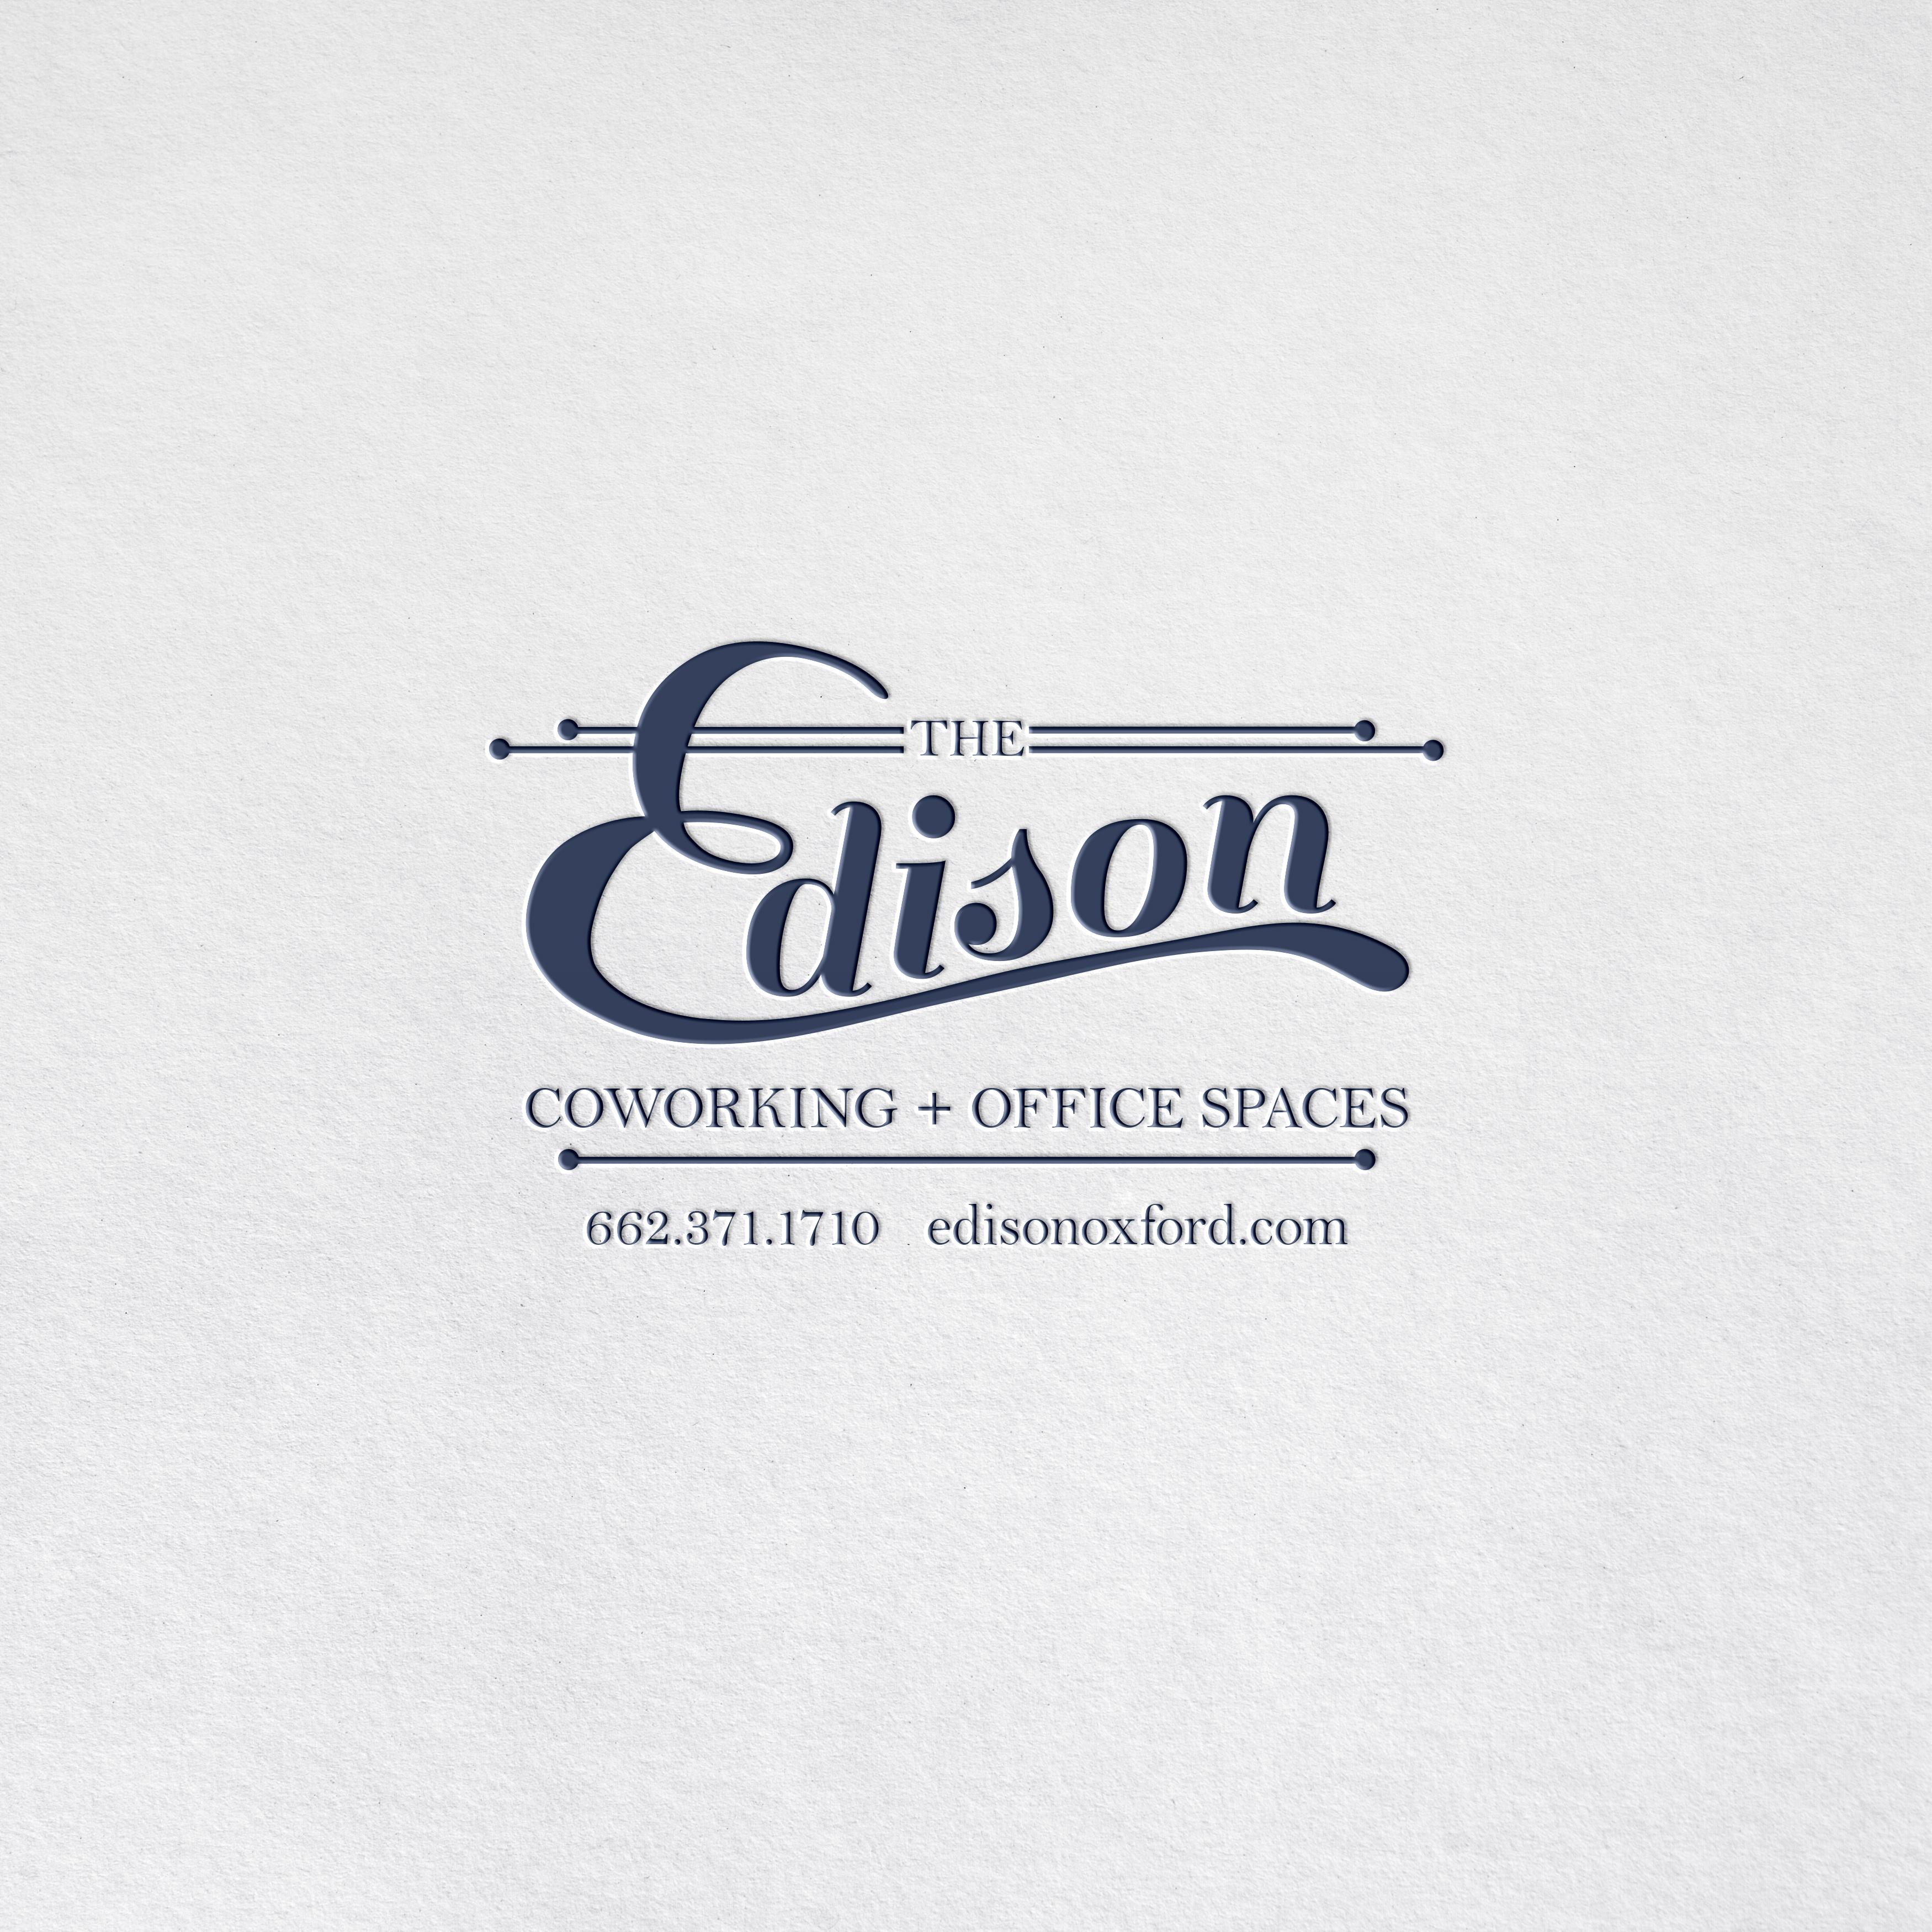 TheEdison_Emboss